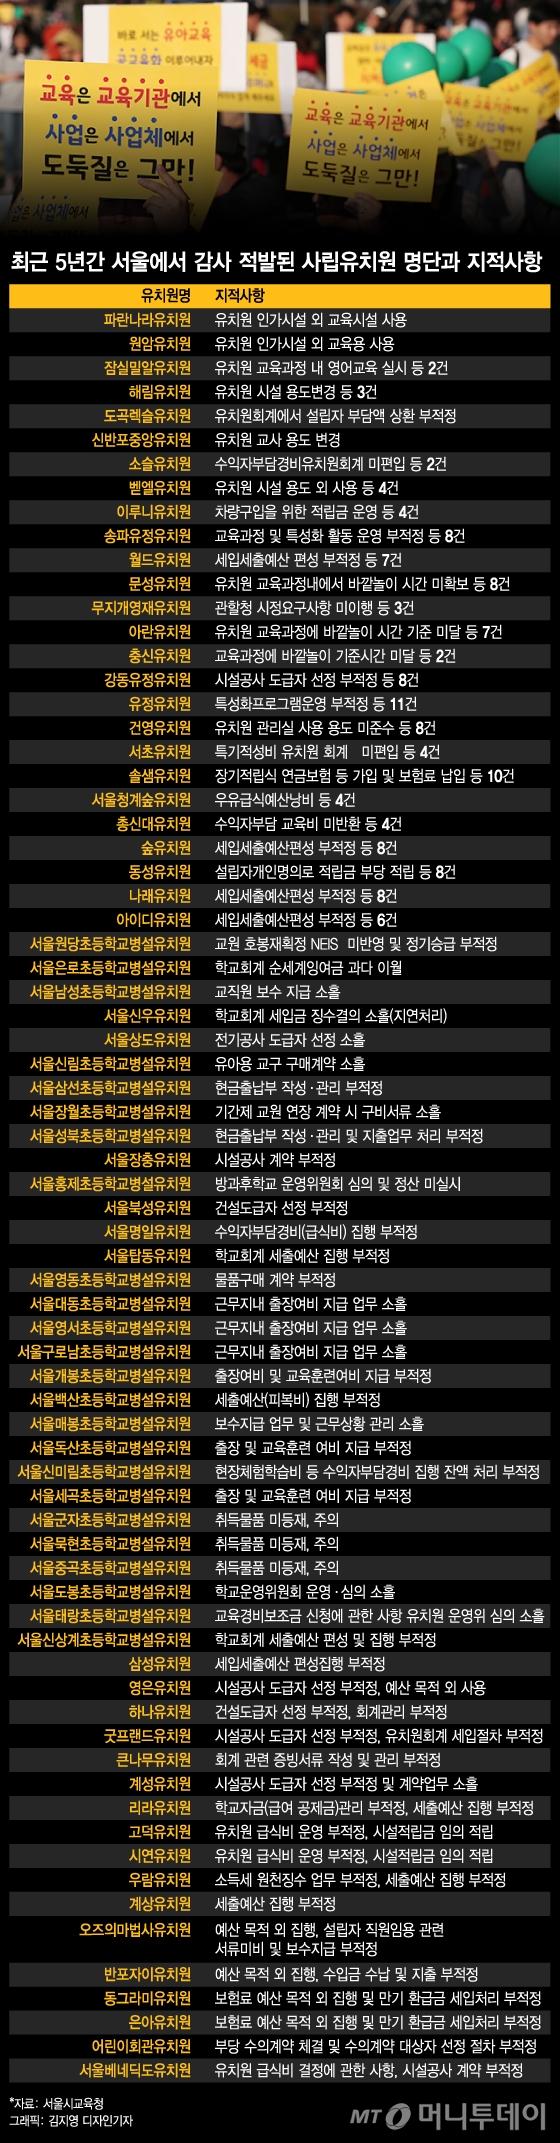 [그래픽뉴스]최근 5년간 감사에서 적발된 서울내 유치원 명단과 지적사항